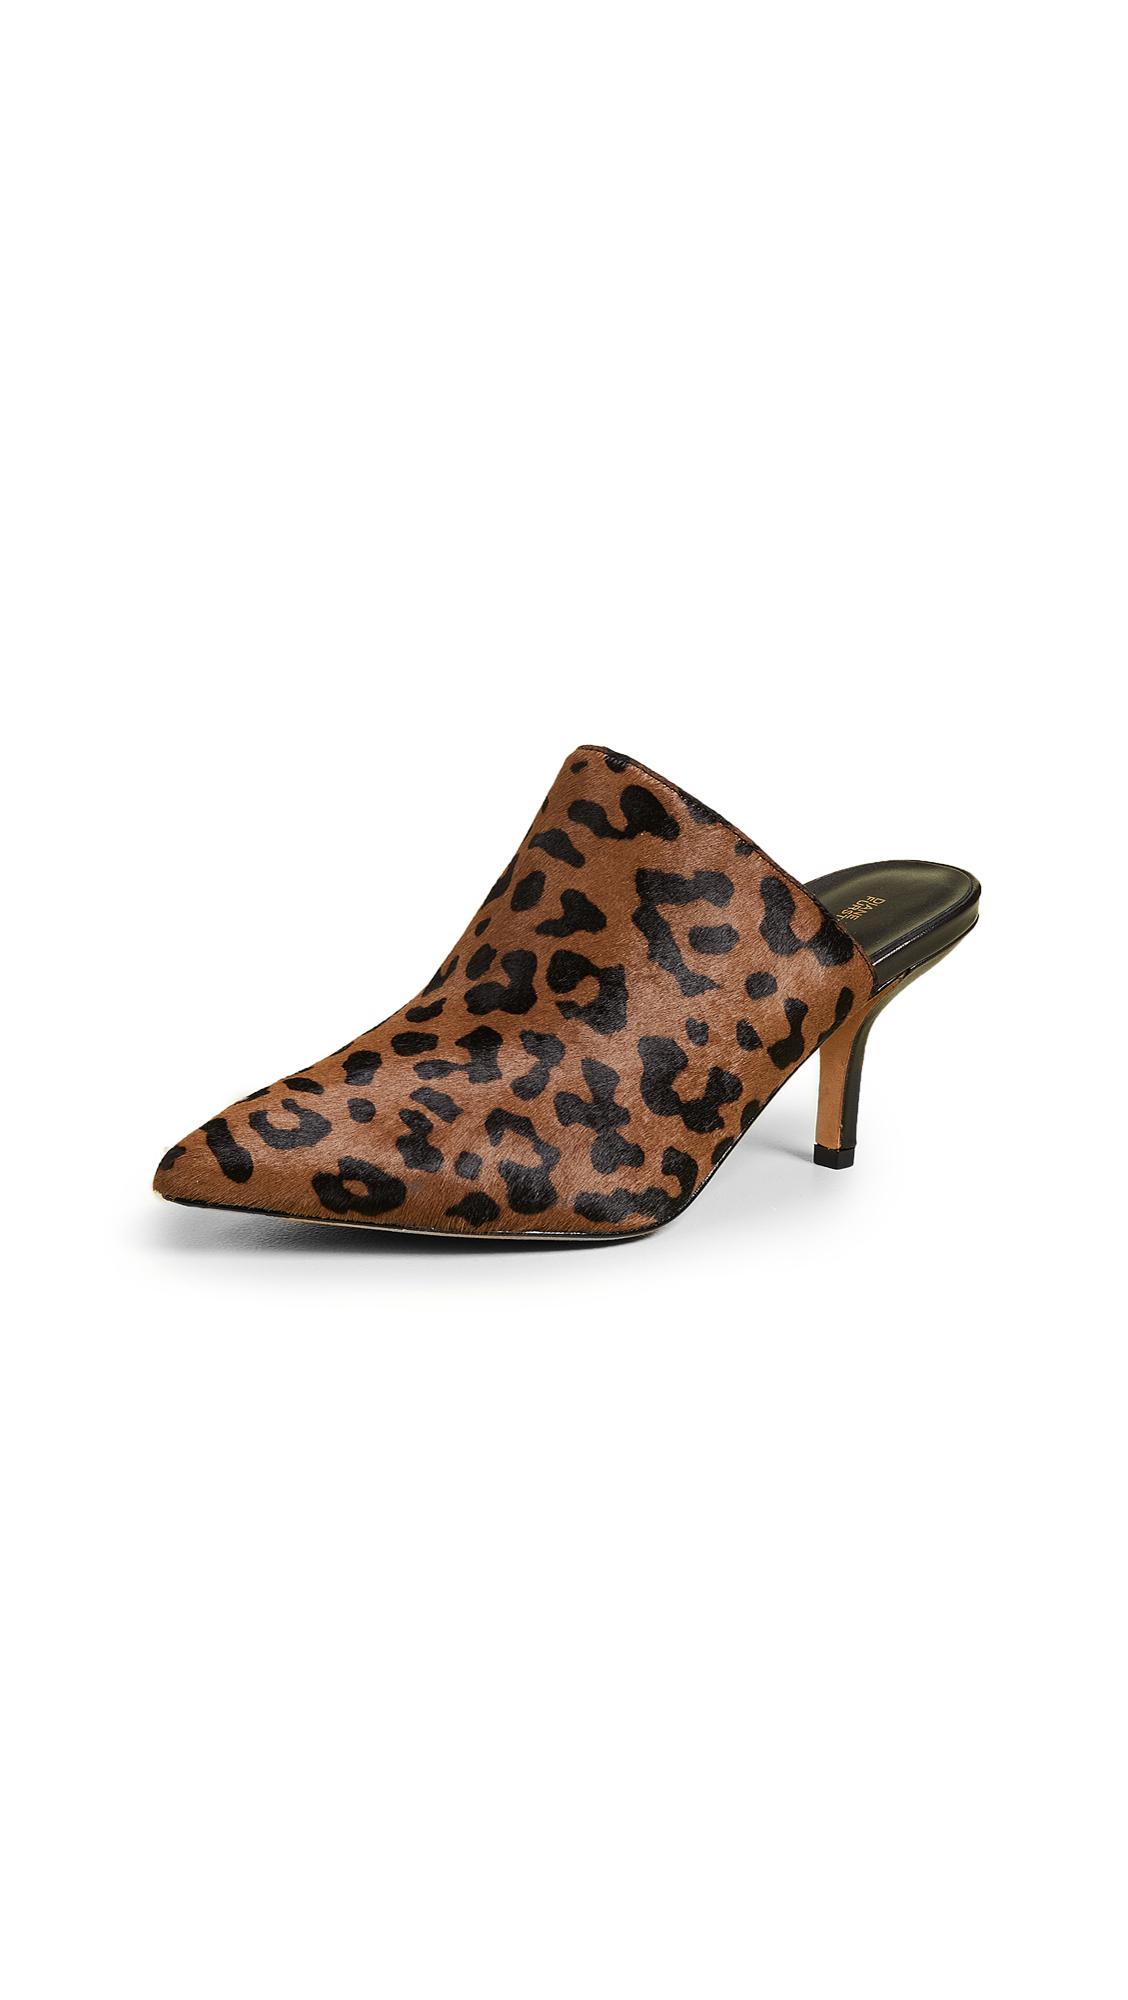 Diane von Furstenberg Mikaila Mules - Leopard